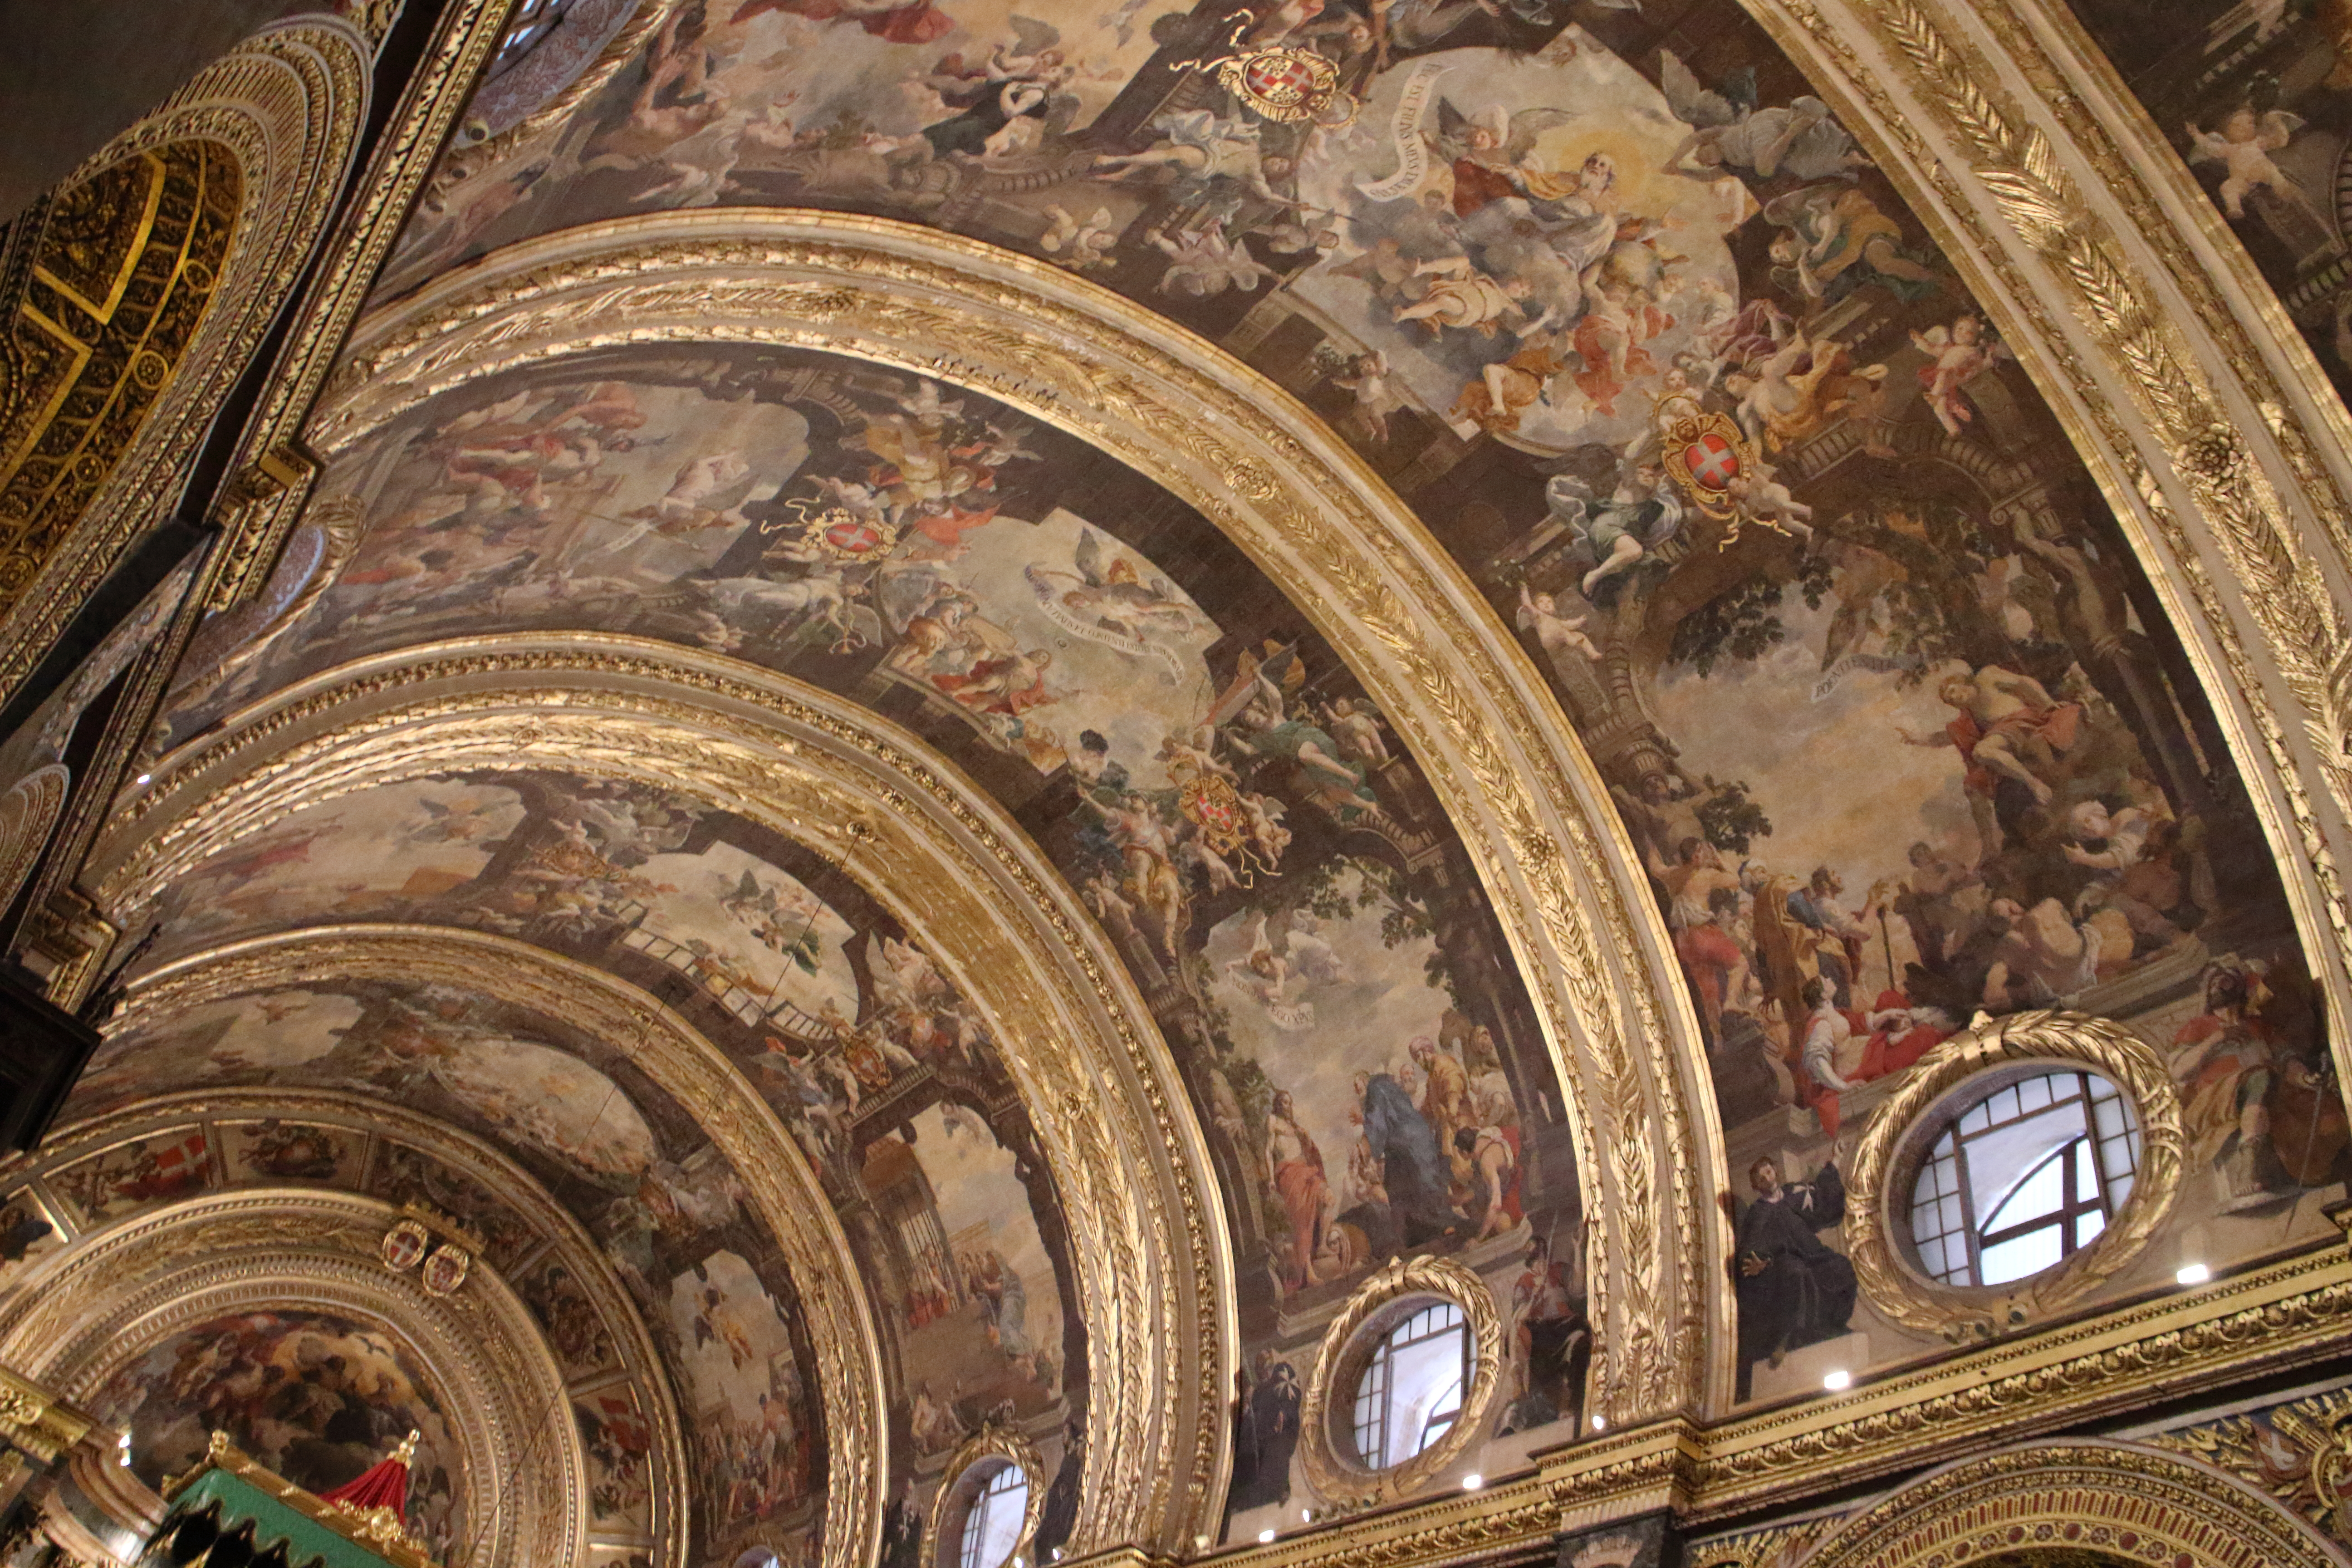 ヴァレッタの聖ヨハネ大聖堂!豪華なバロック様式とカラヴァッジョ作品の見学。